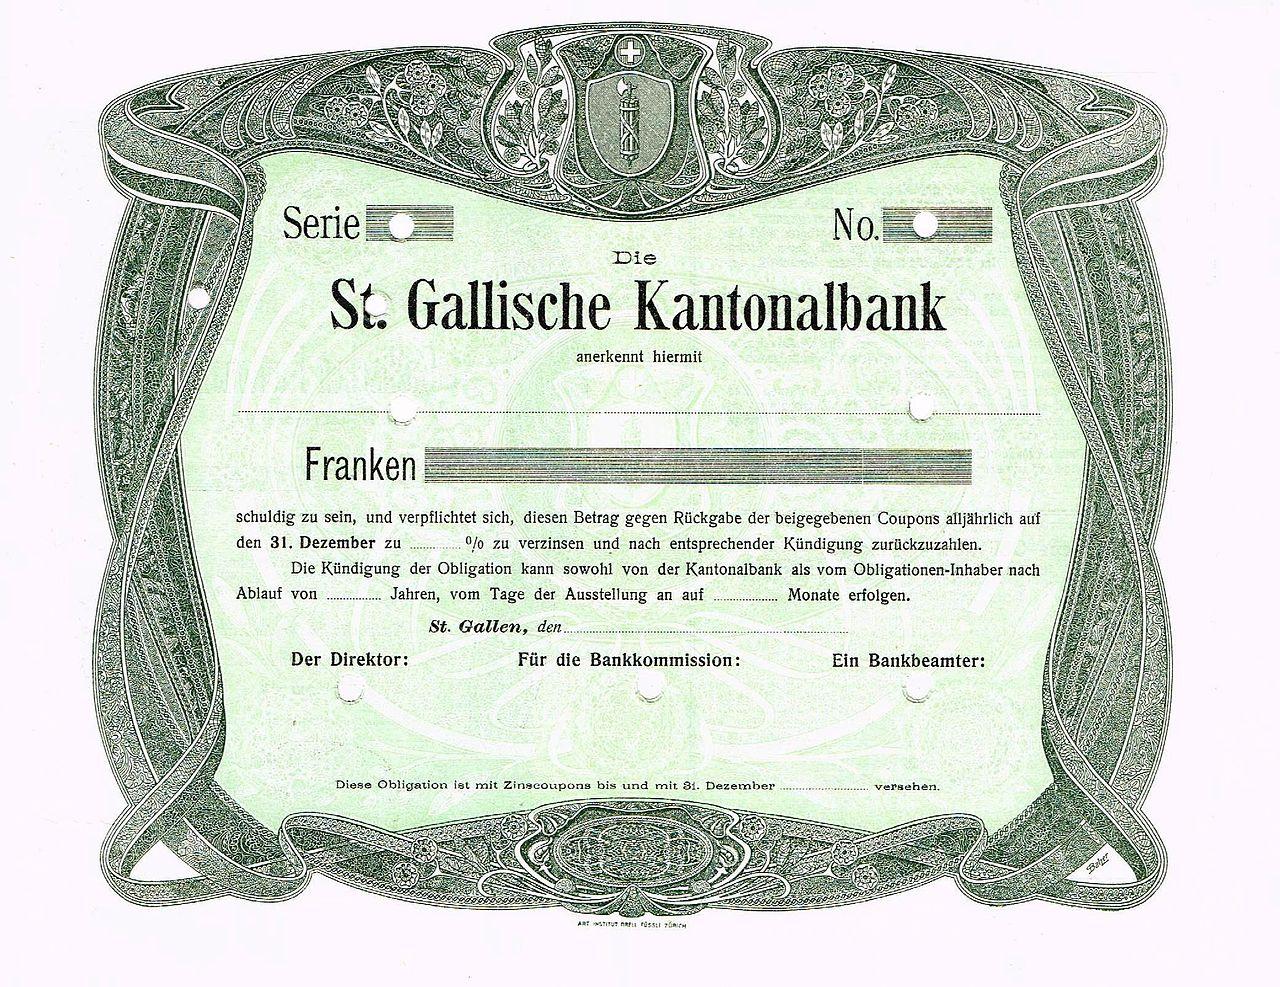 Dateist Gallische Kantonalbank 1900jpg Wikipedia